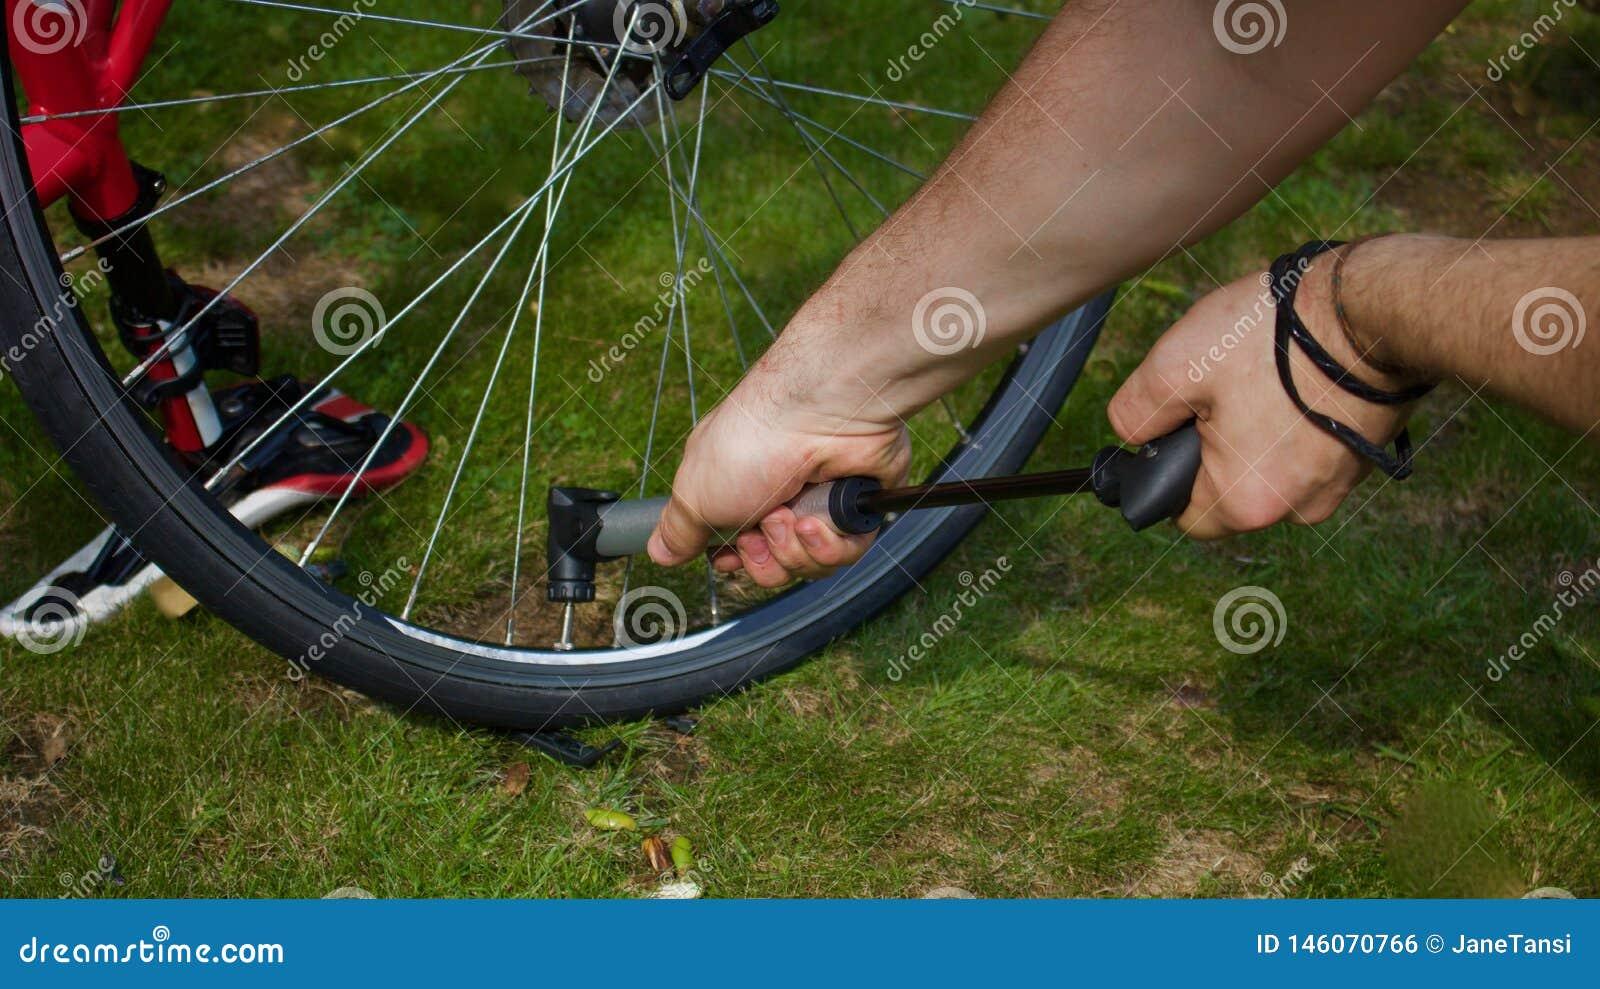 Aria della pompa a mano del giovane nel pneumatico della bicicletta facendo uso della pompa a mano - immagine